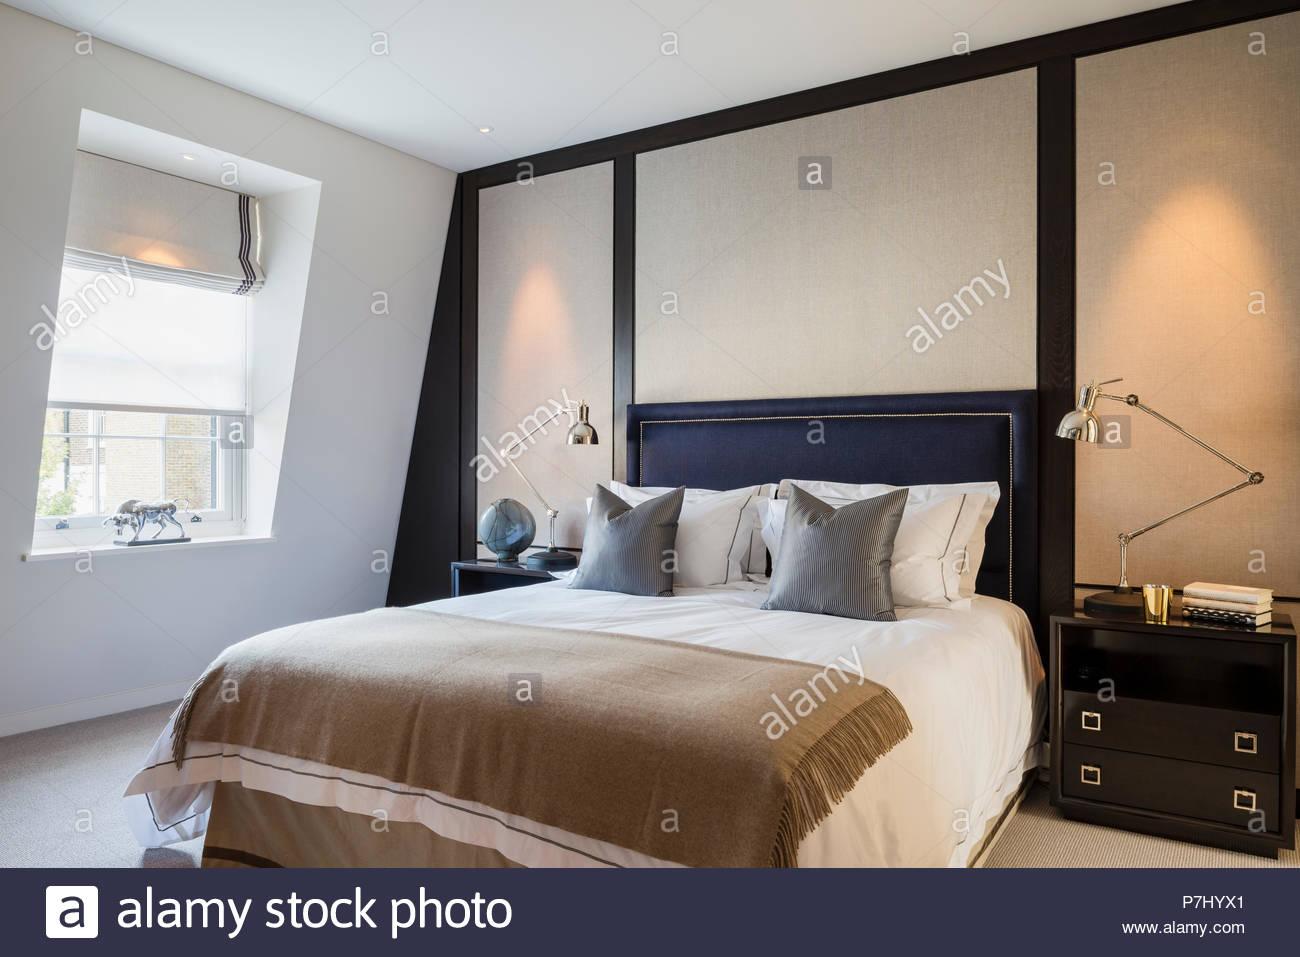 Camere Da Letto Maschili : Letto matrimoniale in camera da letto maschile foto immagine